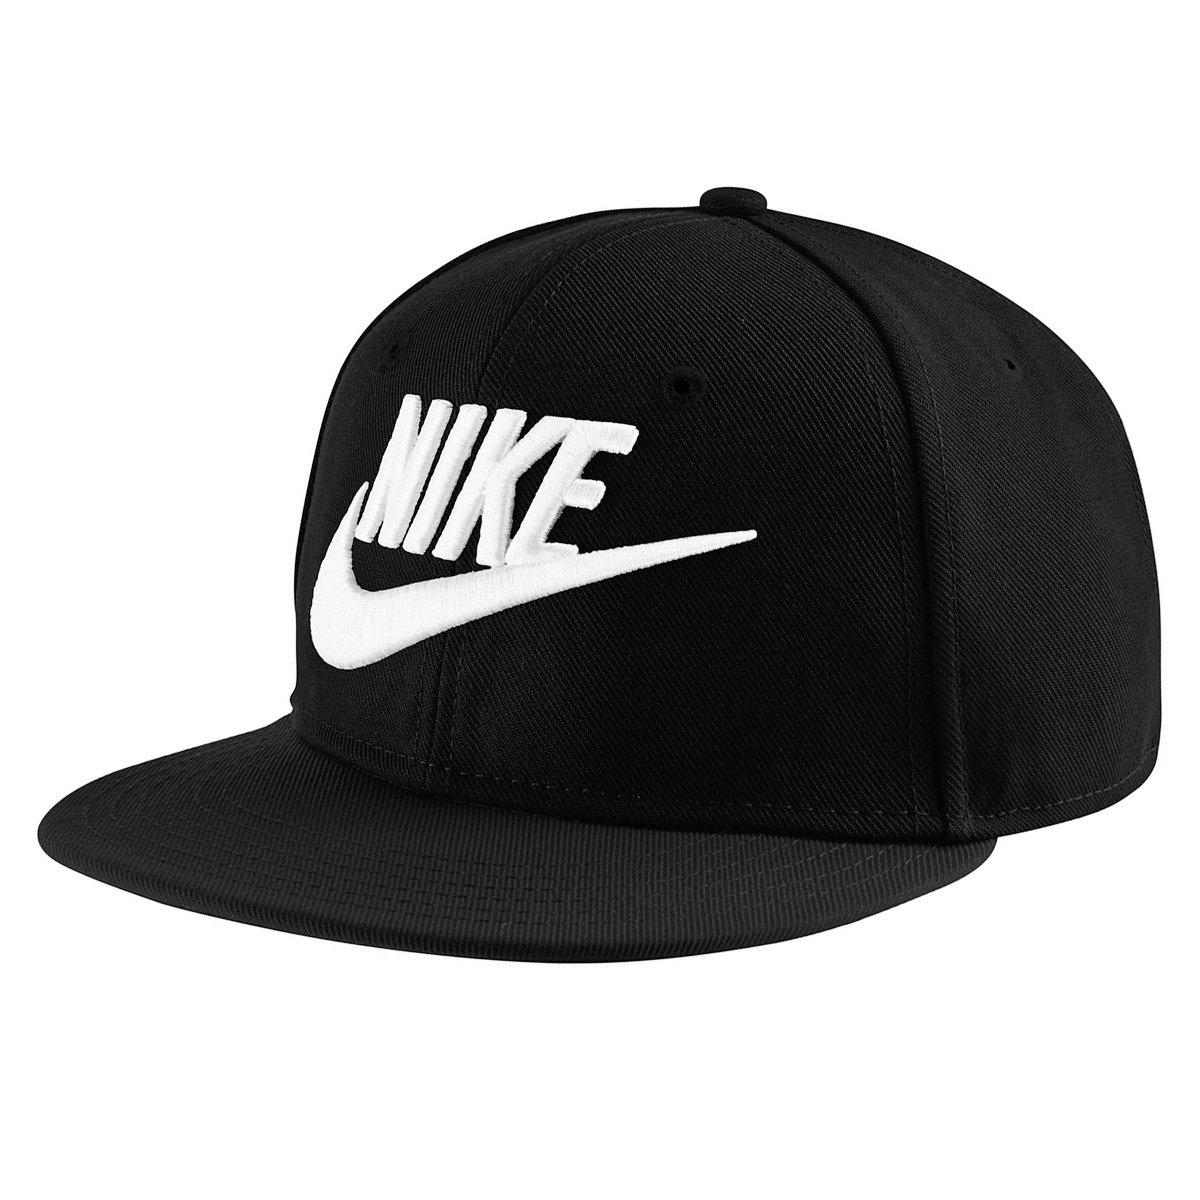 239356af37956 Boné Infantil Nike Aba Reta Futura Truel - Compre Agora